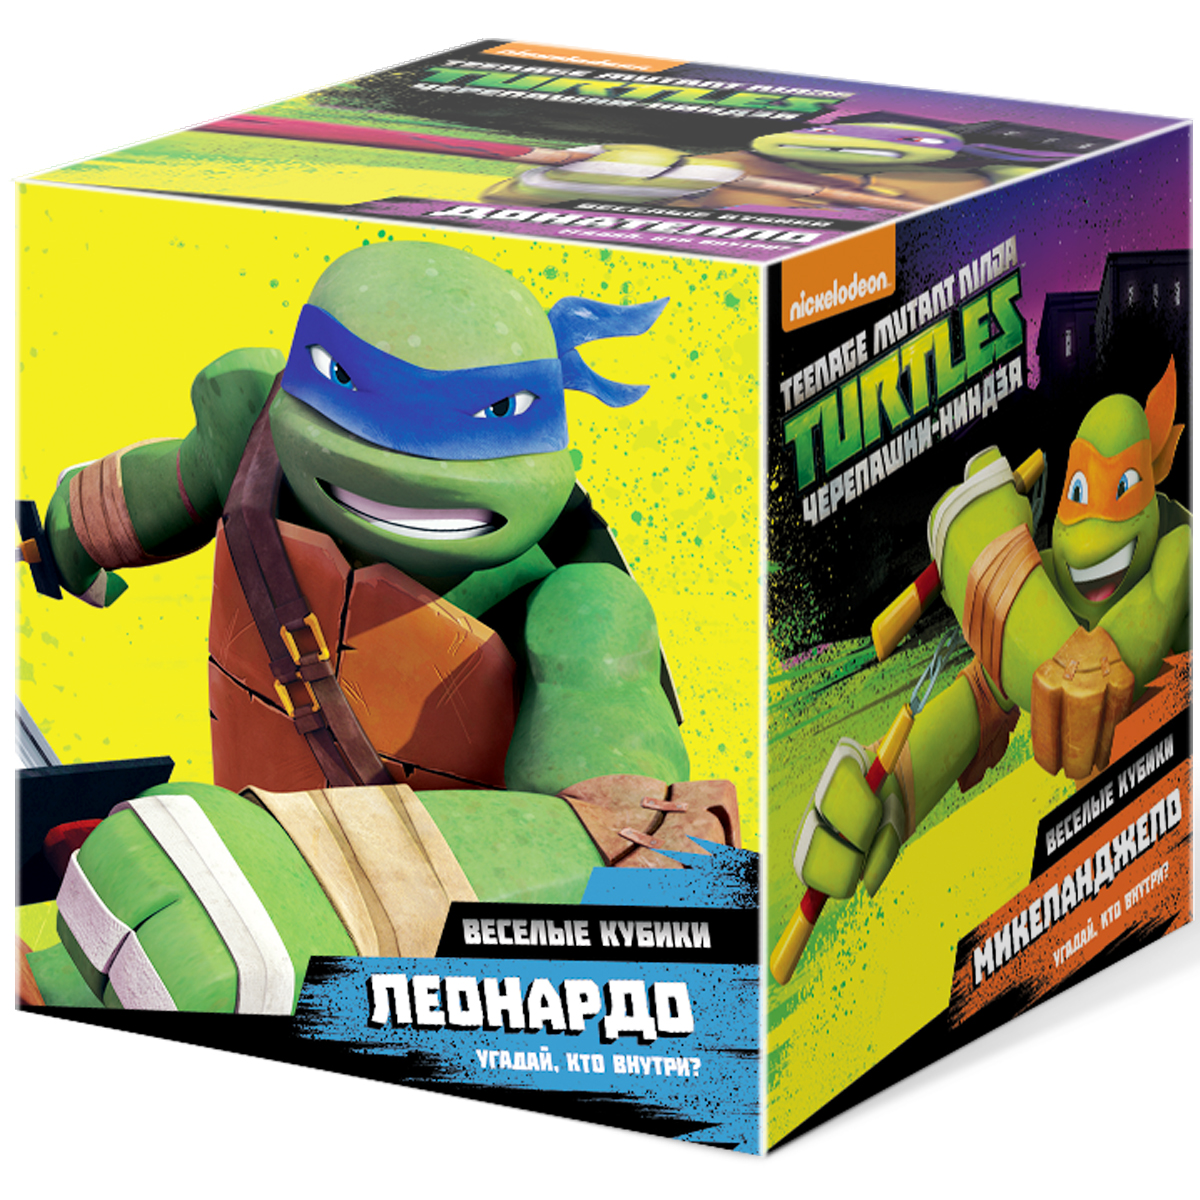 Серия «Веселые кубики». Качественная, детально проработанная игрушка 6-8 см и оригинальная упаковка-паззл делают этот продукт очень привлекательным. Мы предлагаем вам как оригинальные, так и лицензионные коллекции для детей разных возрастных групп.